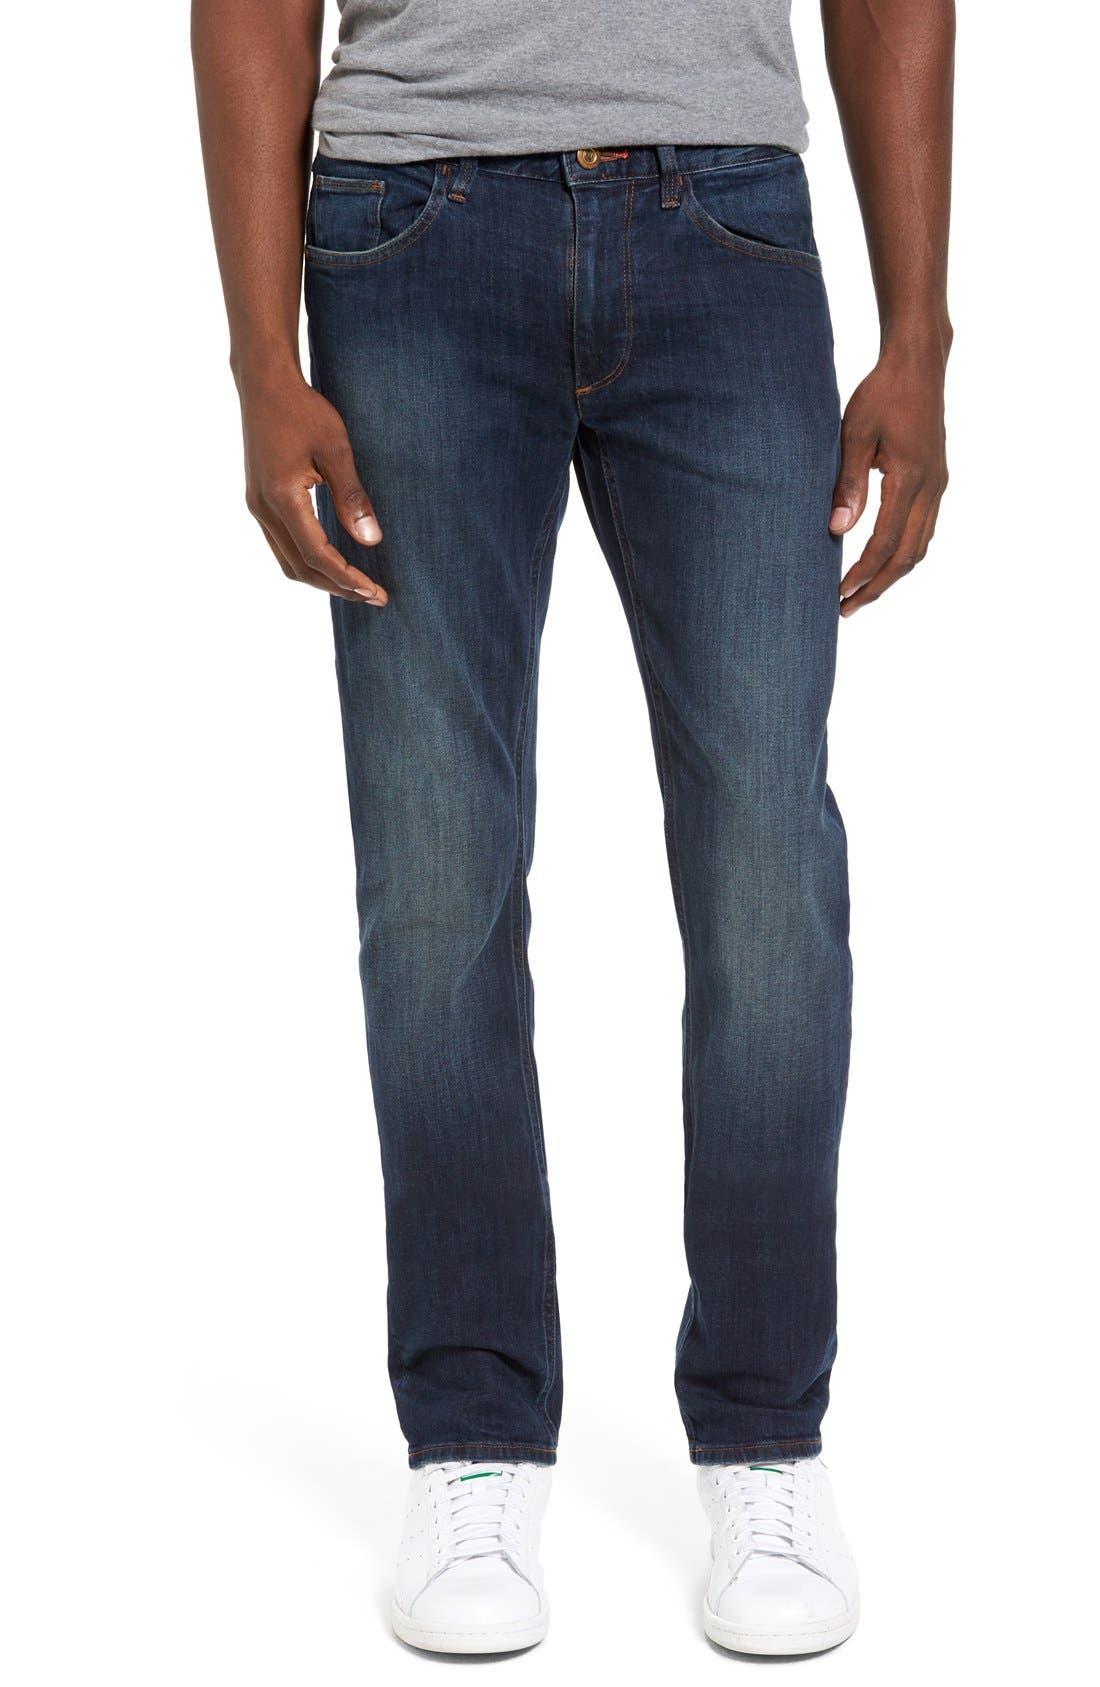 Spitfire Slim Fit Jeans,                         Main,                         color, Indigo